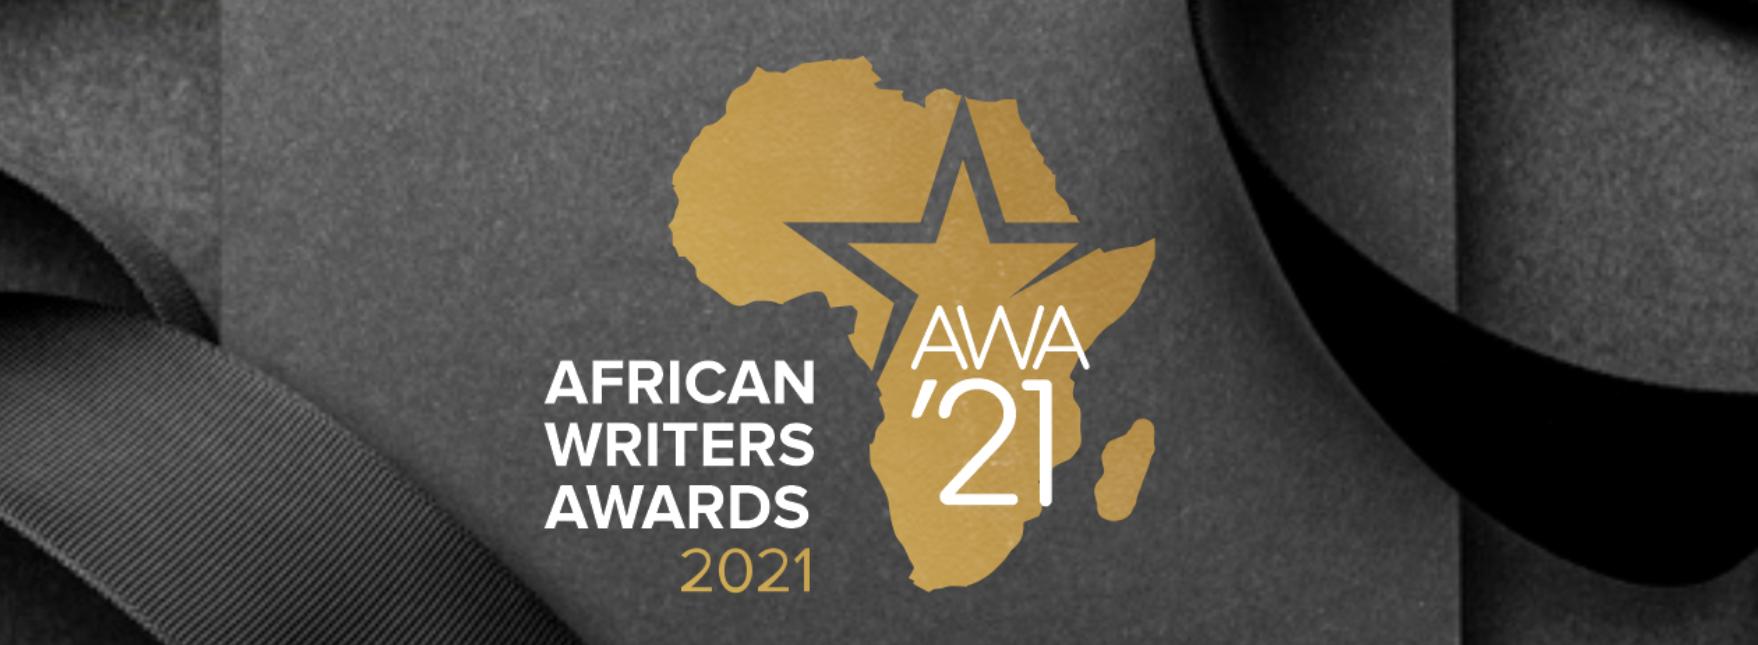 Apr21 Wrap_AWC_AWA21 logo